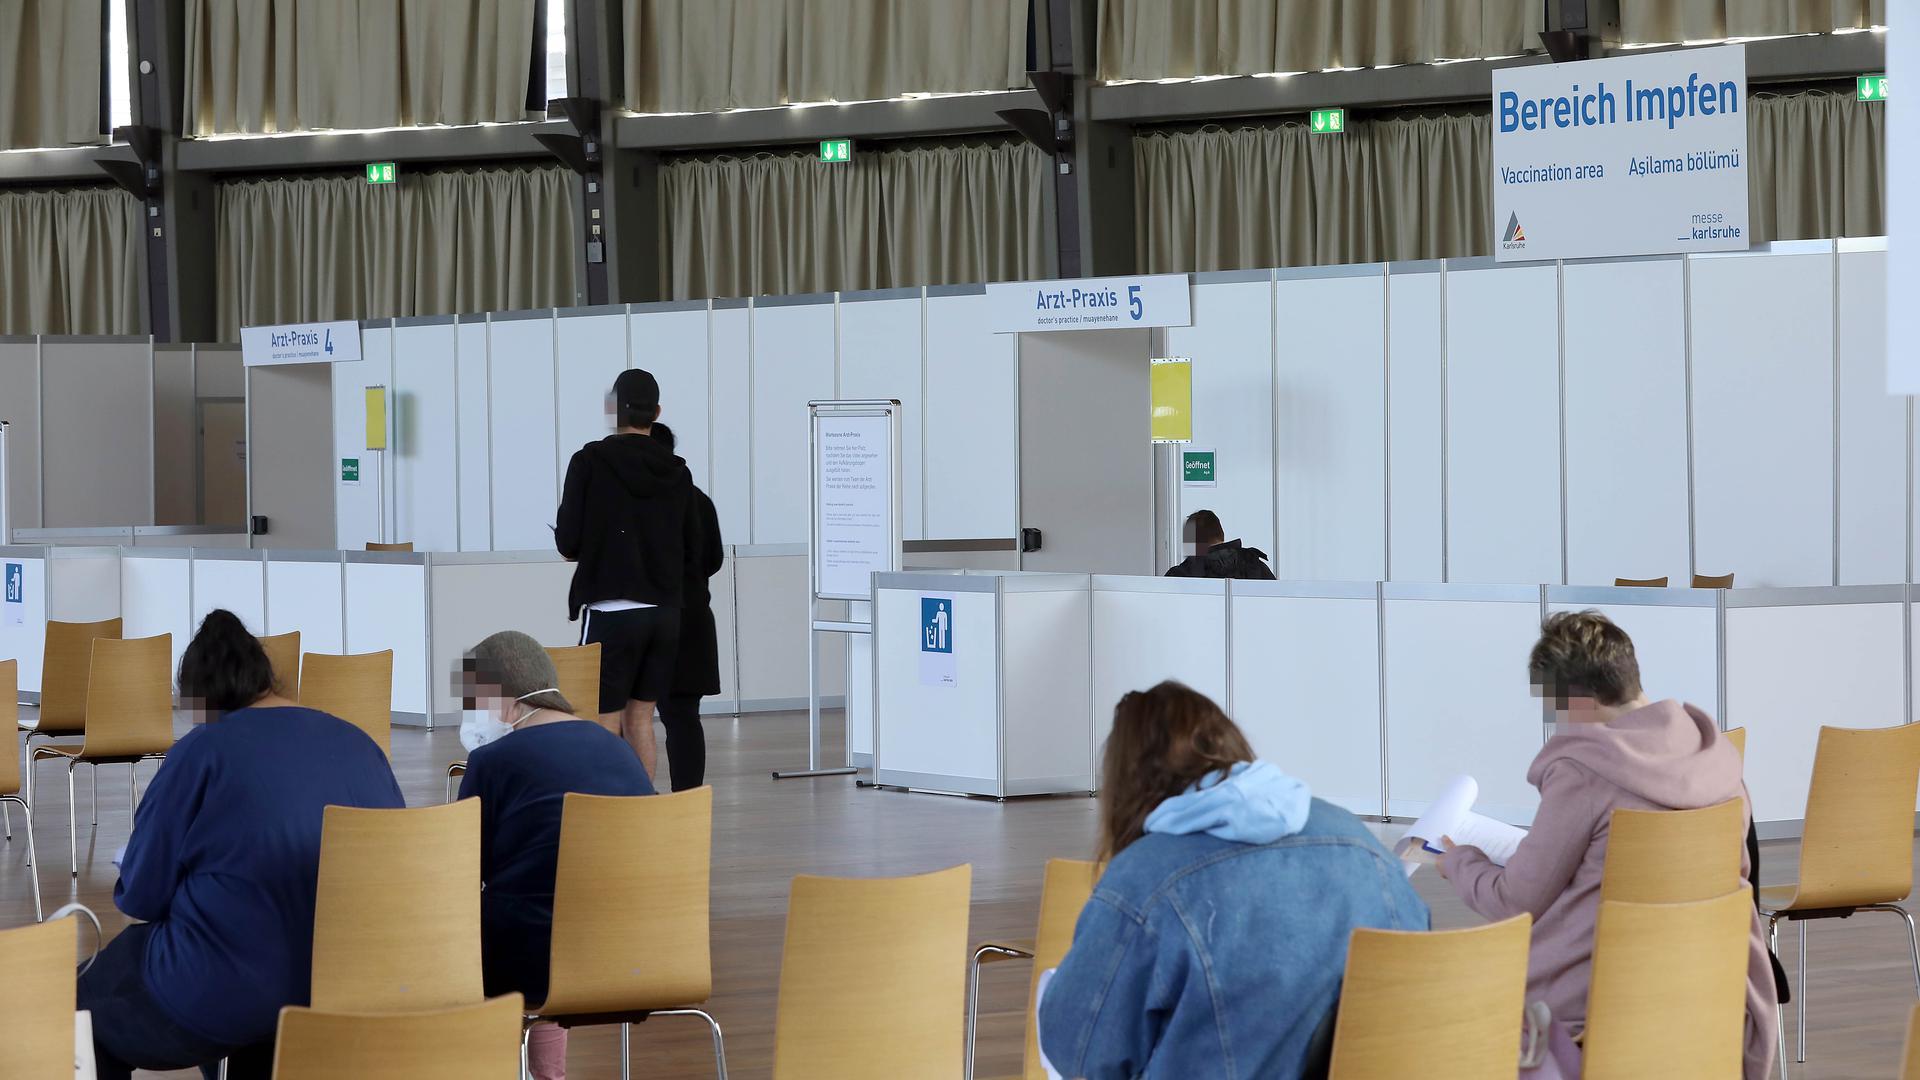 © Jodo-Foto /  Joerg  Donecker//  22.04.2021 Impfzentrum in der Schwarzwaldhalle,                  -Copyright - Jodo-Foto /  Joerg  Donecker Sonnenbergstr.4  D-76228 KARLSRUHE TEL:  0049 (0) 721-9473285 FAX:  0049 (0) 721 4903368  Mobil: 0049 (0) 172 7238737 E-Mail:  joerg.donecker@t-online.de Sparkasse Karlsruhe  IBAN: DE12 6605 0101 0010 0395 50, BIC: KARSDE66XX Steuernummer 34140/28360 Veroeffentlichung nur gegen Honorar nach MFM zzgl. ges. Mwst.  , Belegexemplar und Namensnennung. Es gelten meine AGB.